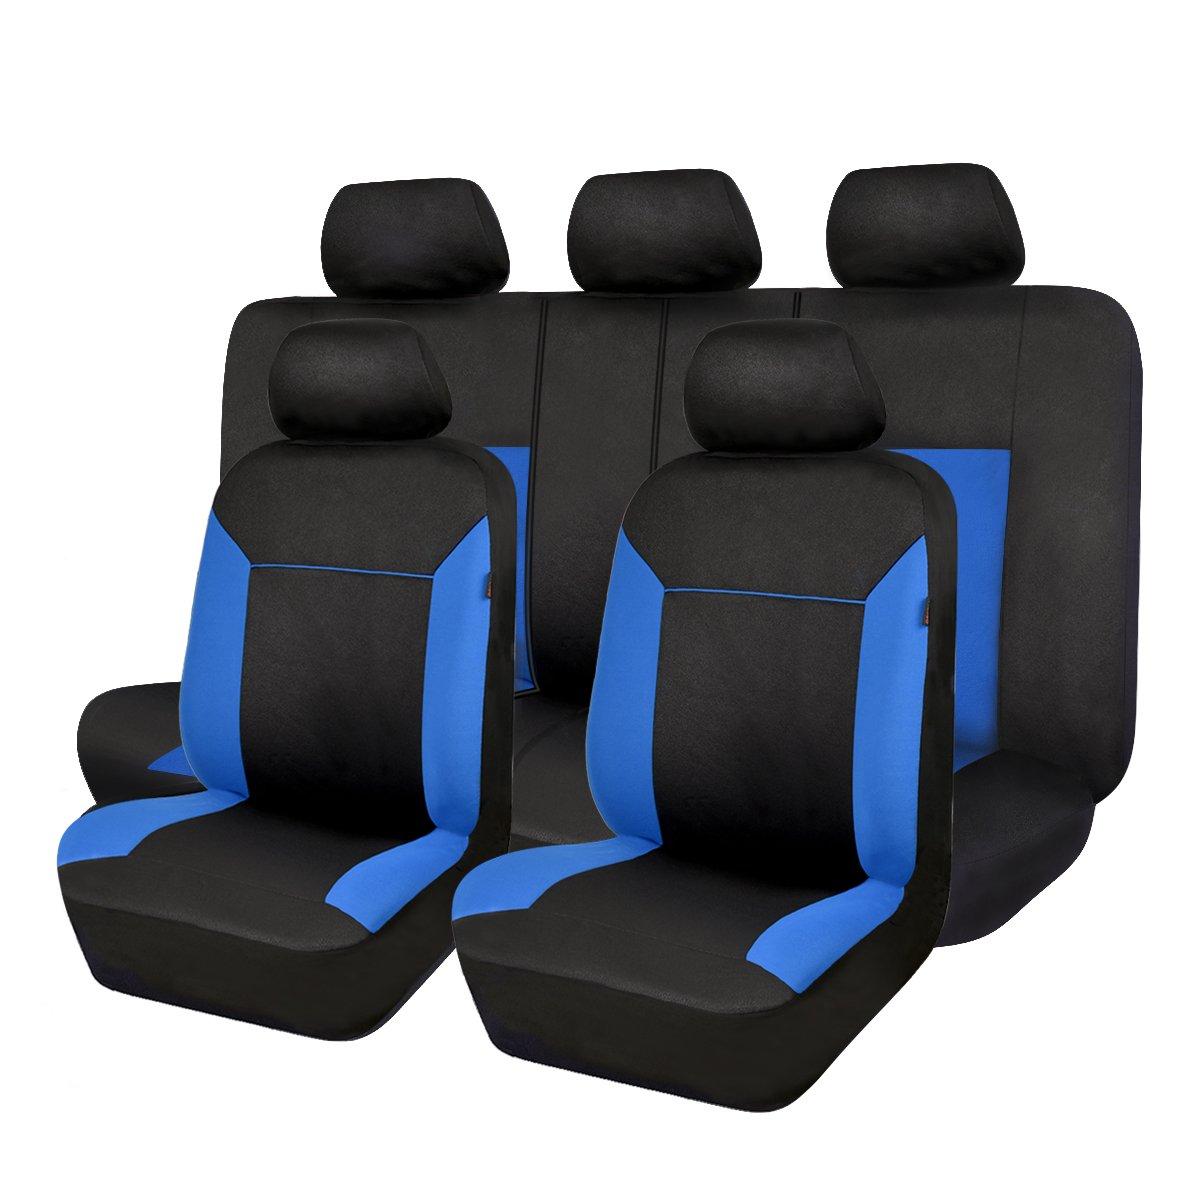 Flyingバナー11pcsメッシュColorizedユニバーサルフィット車シートカバーソフトシート保護カバーfor cars-airbag B01N524TA1  ブラックとブルー -